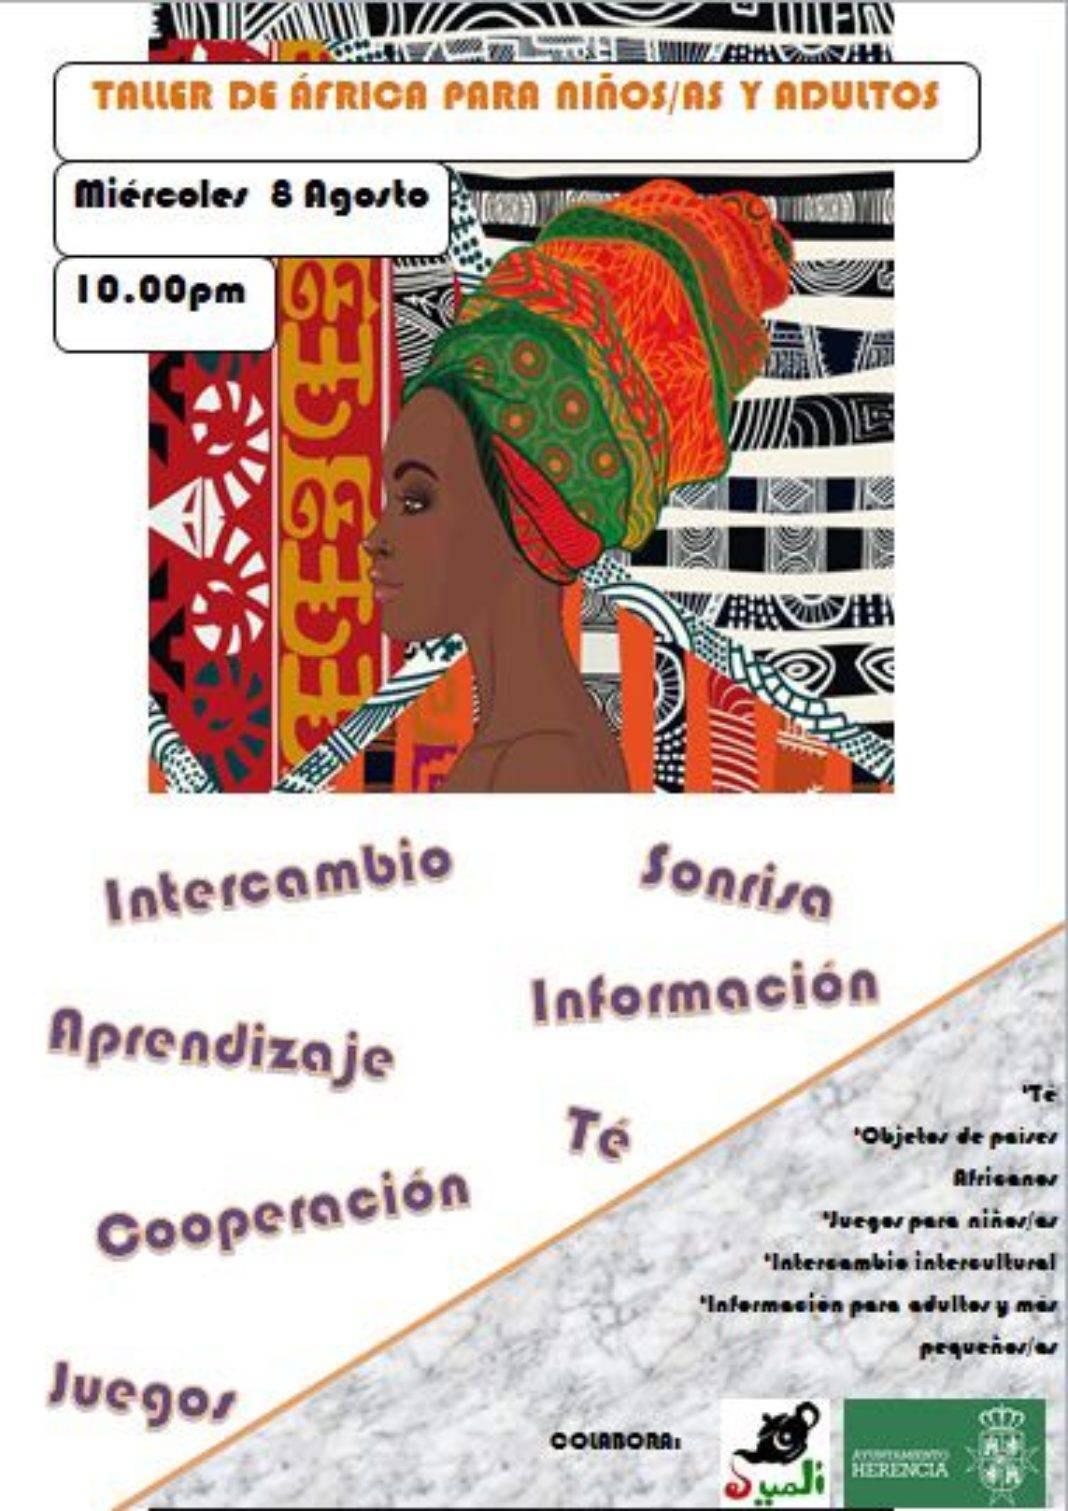 El Uali organiza un taller de África en la plaza 4